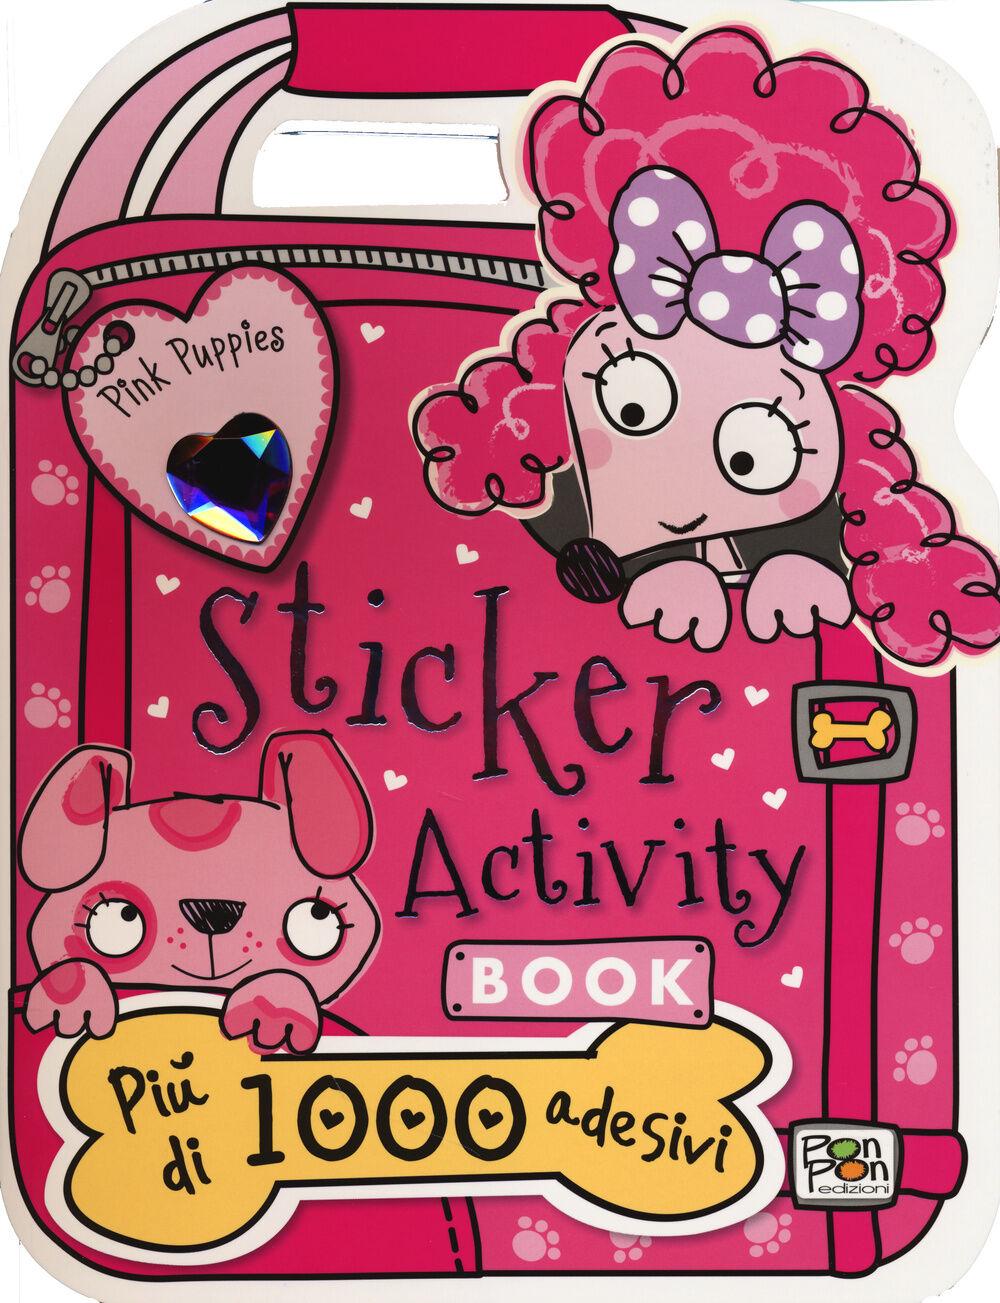 Sticker activity book. Pink Puppies